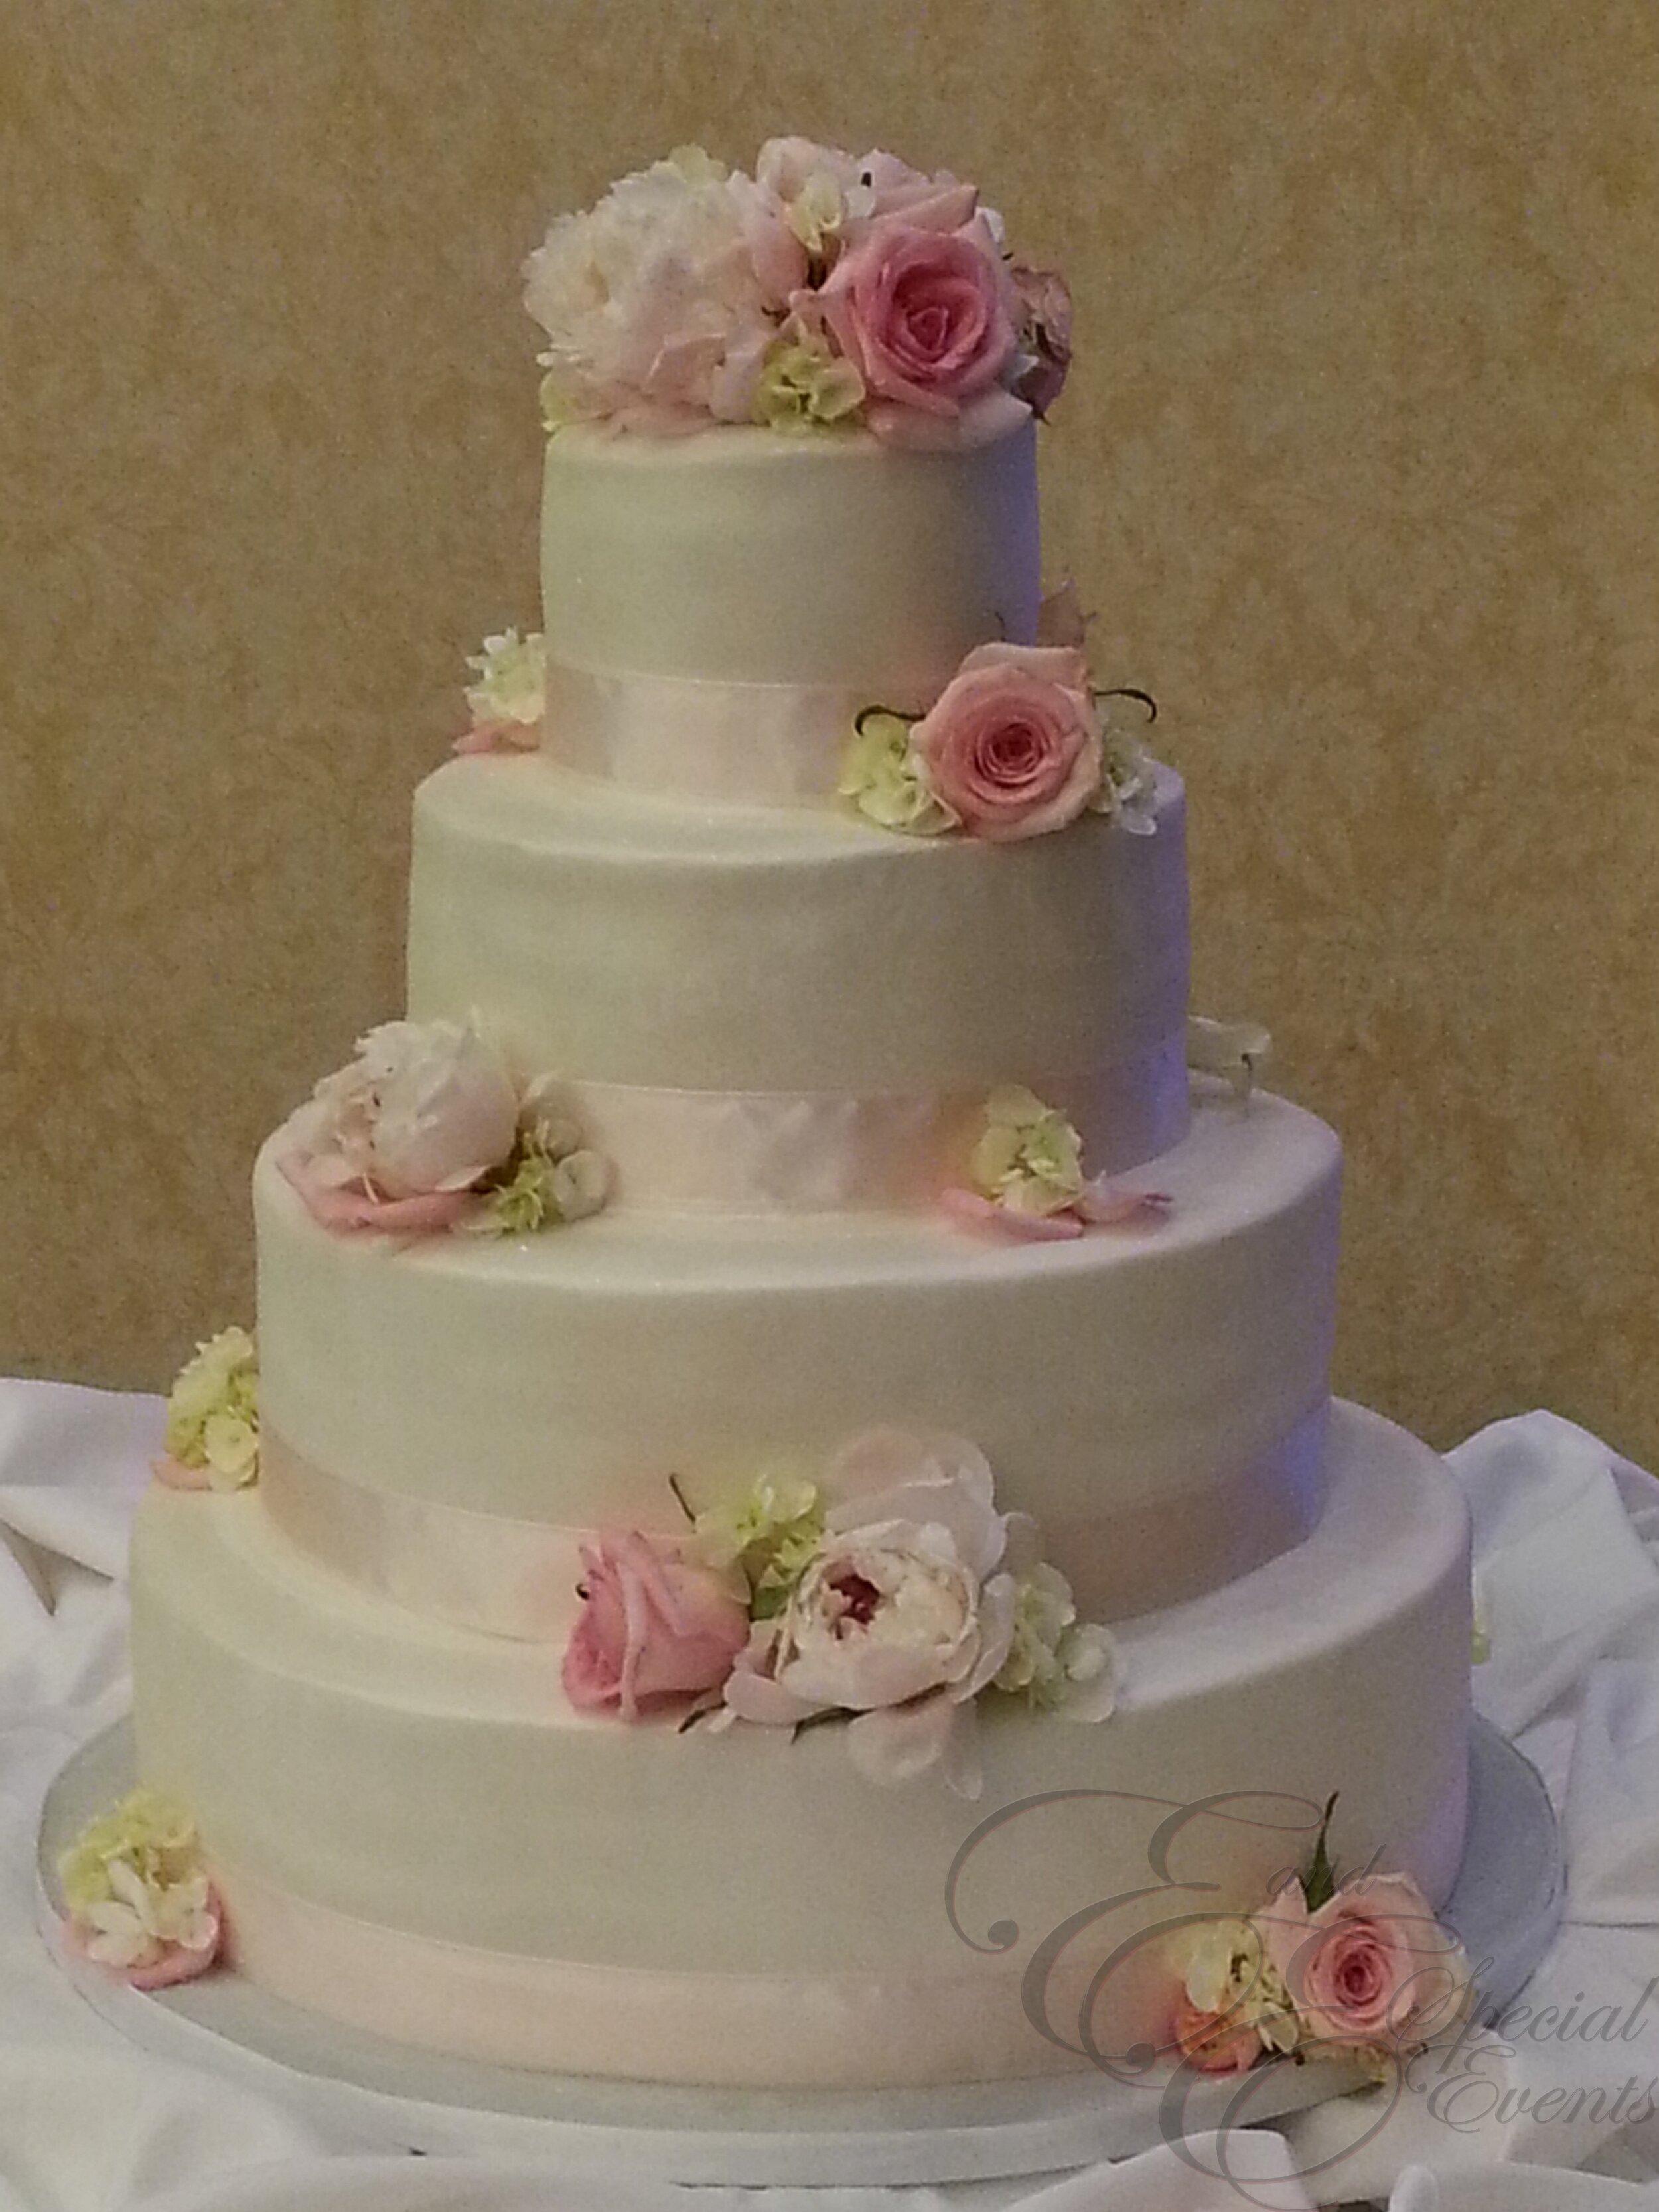 wedding_cakes_E_and_E_Special_Events_virginia_beach_8.jpg